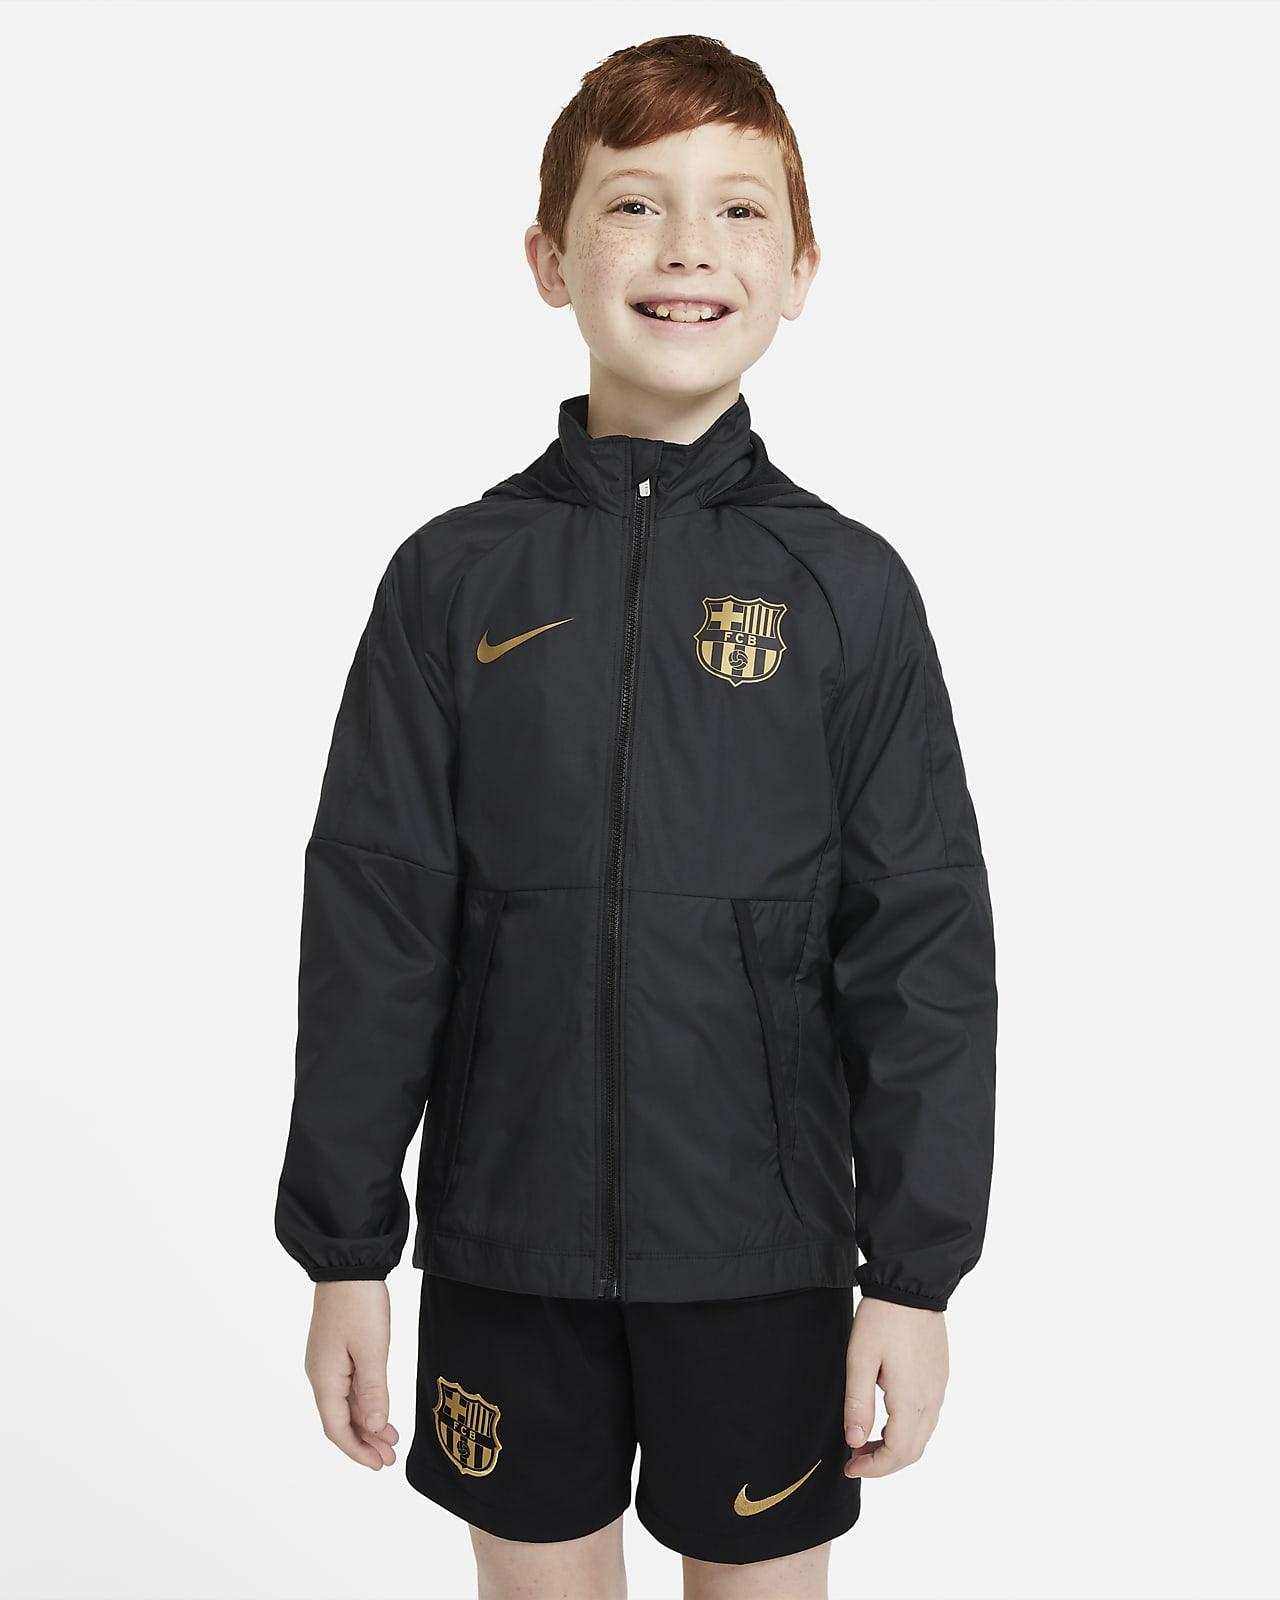 FC Barcelona Big Kids' Soccer Jacket